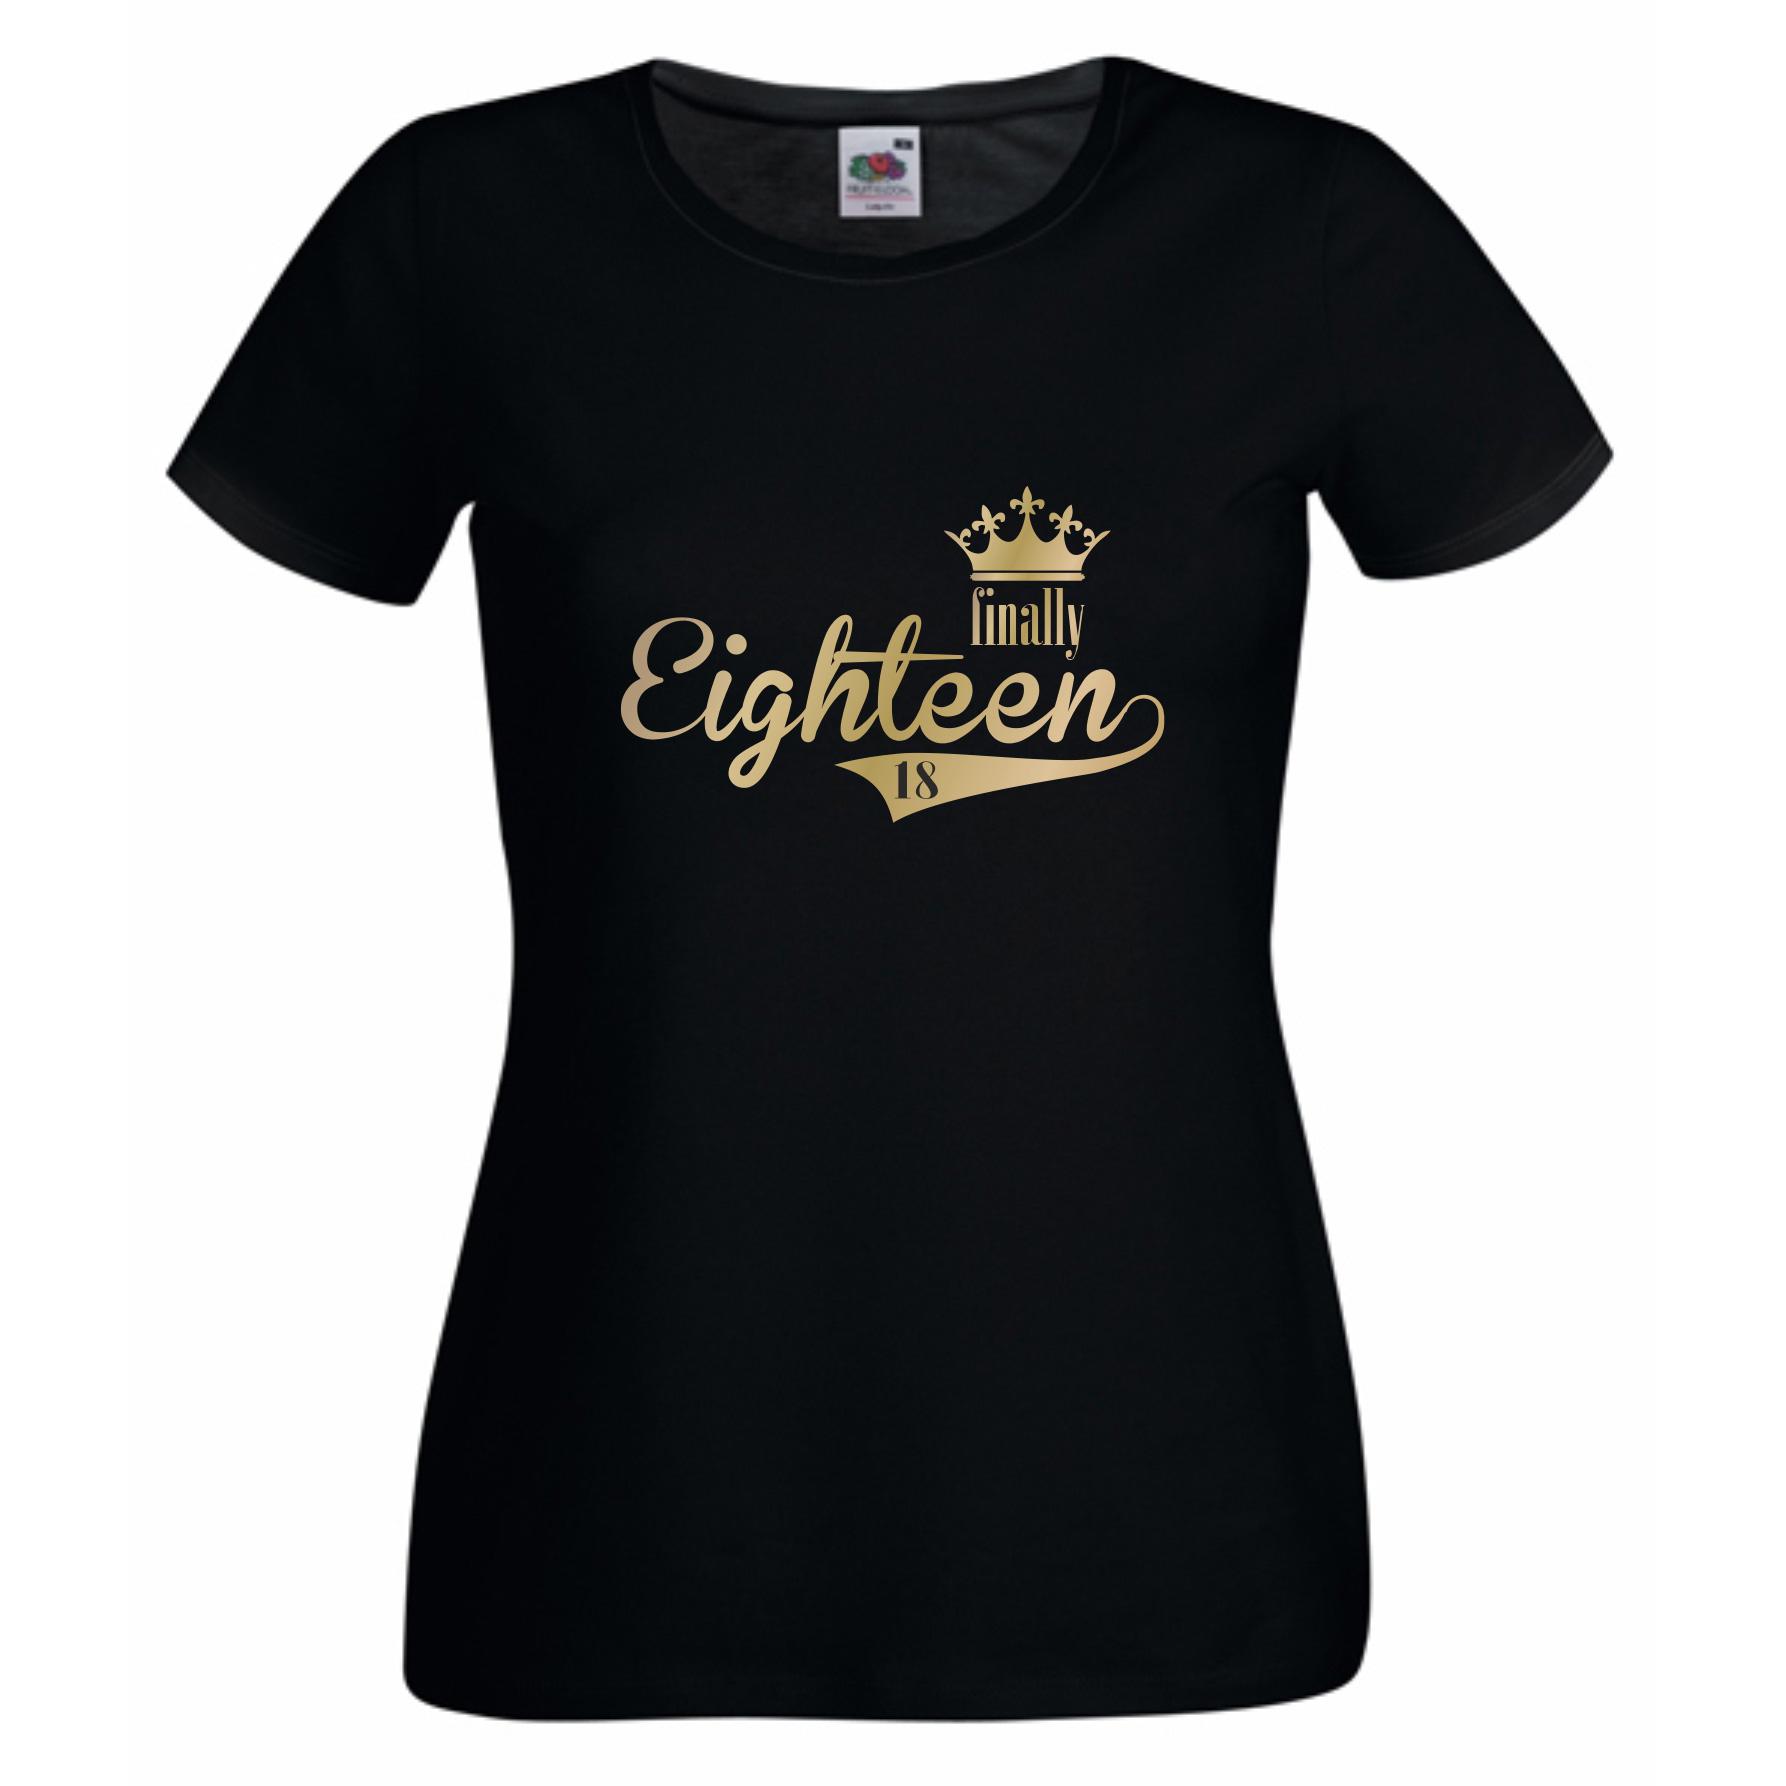 damen t shirt finally eighteen endlich 18 shirt. Black Bedroom Furniture Sets. Home Design Ideas